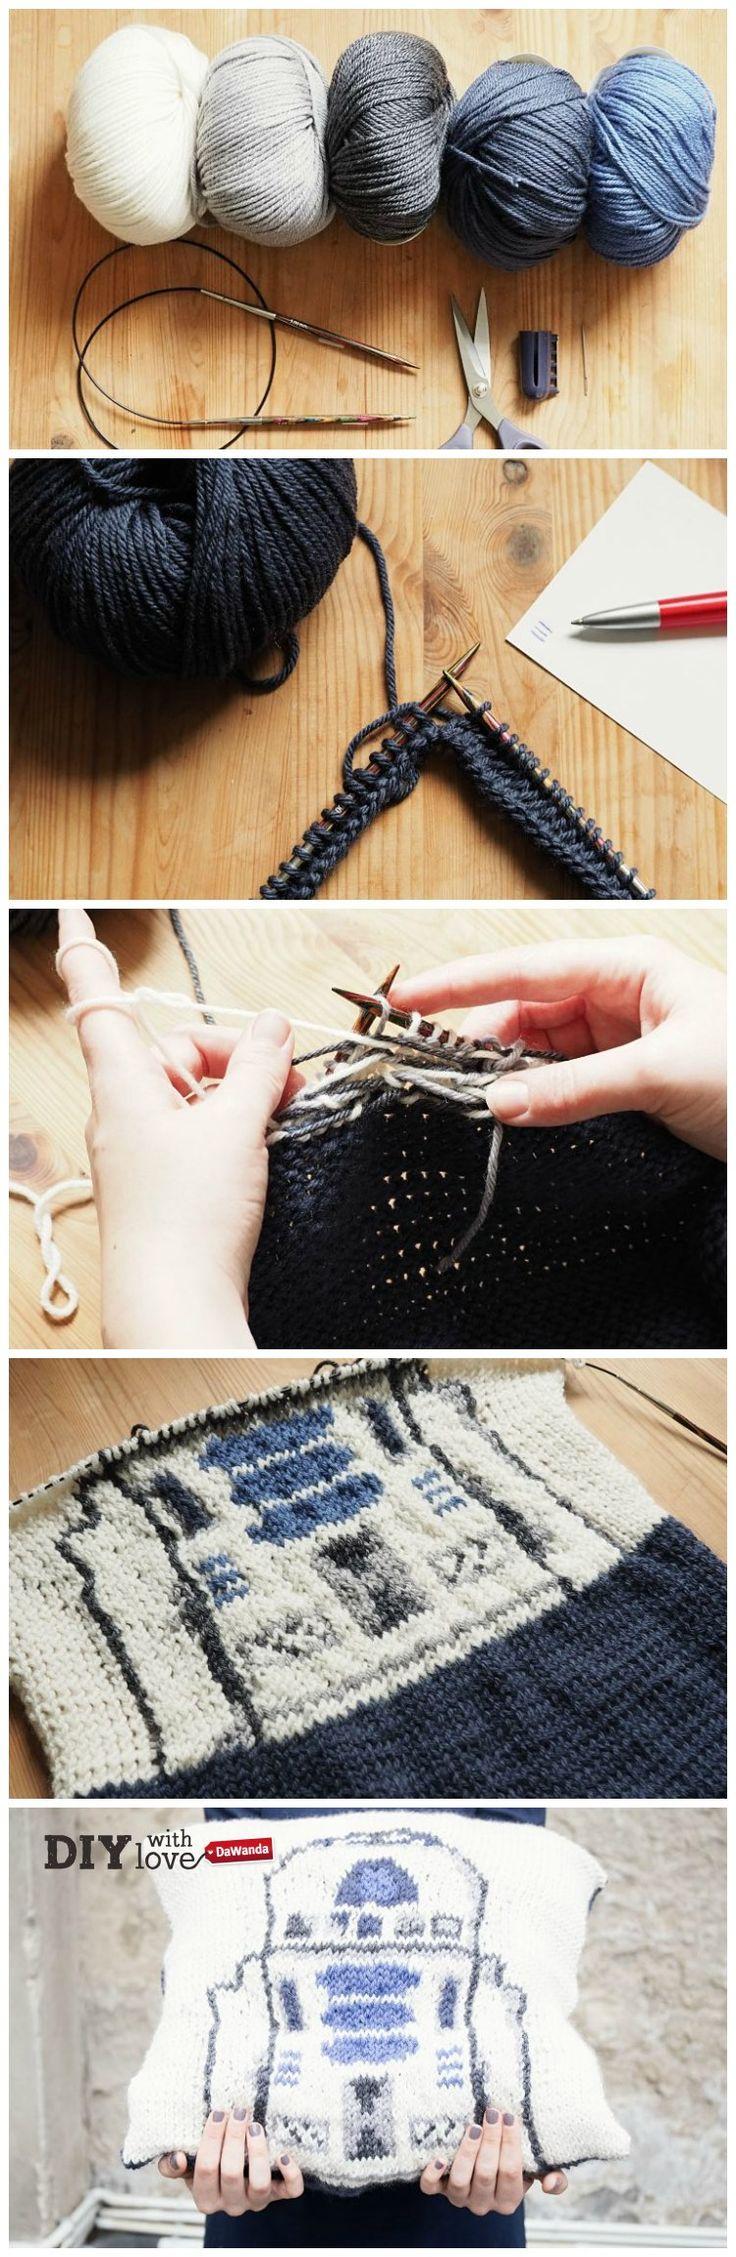 Appassionati di #StarWars e #DIY: ecco il tutorial per voi! Cuscino a maglia con droide r2-d2 http://it.dawanda.com/tutorial-fai-da-te/lavorare-maglia/come-fare-cuscino-maglia-droide-r2-d2